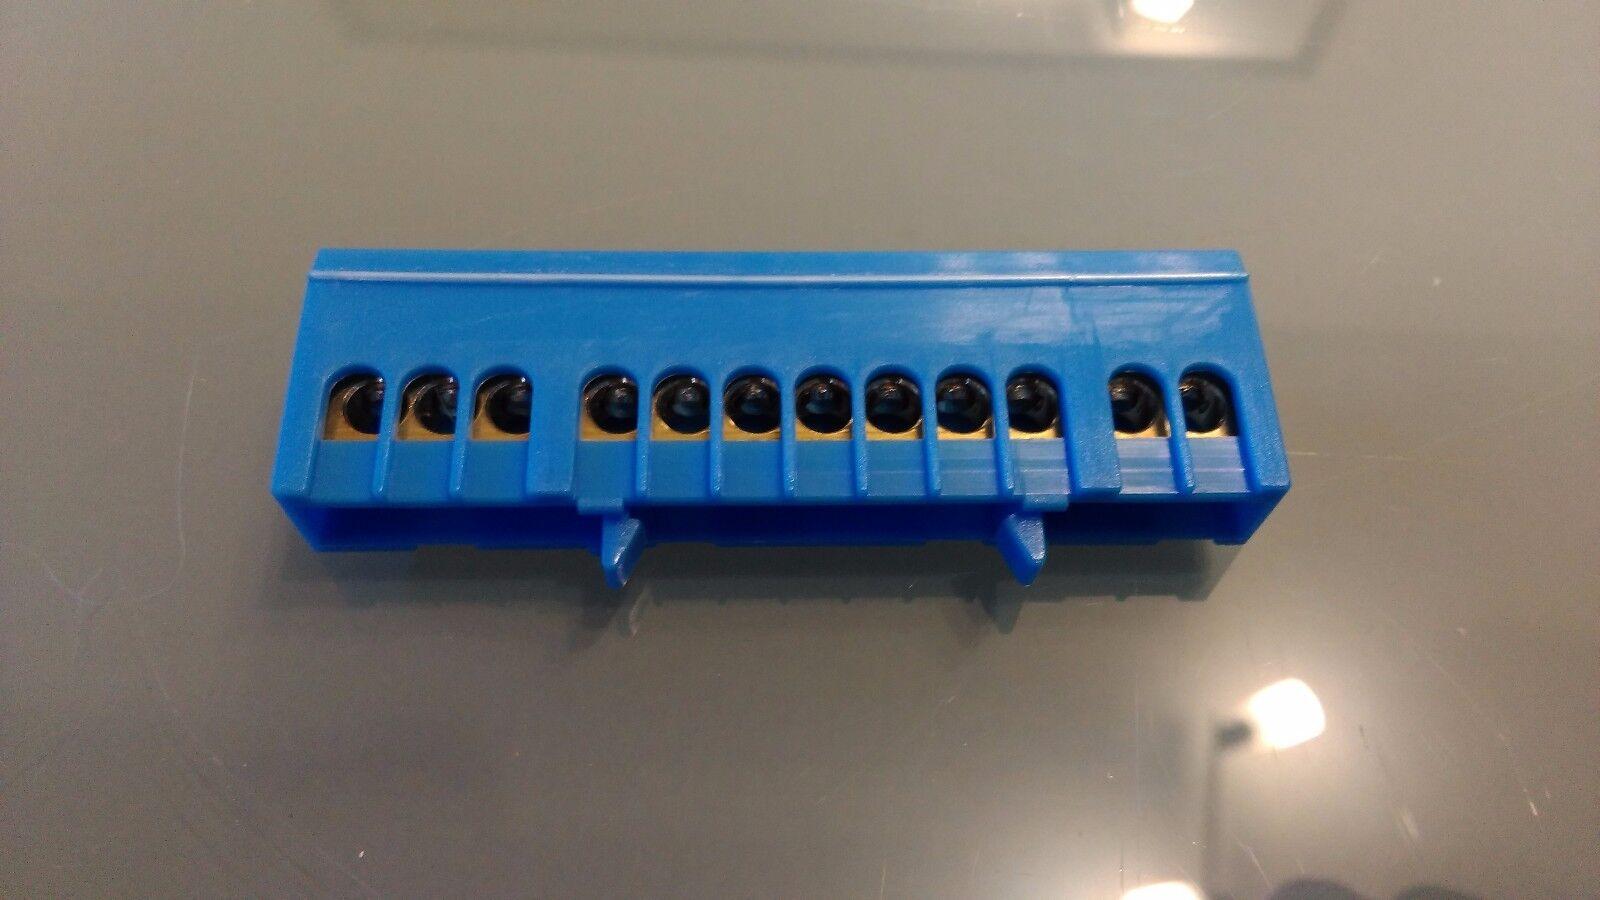 Sammelklemme , Klemmstein 12 Polig Blau, Klemme für Hutschiene 12 Polig Blau !